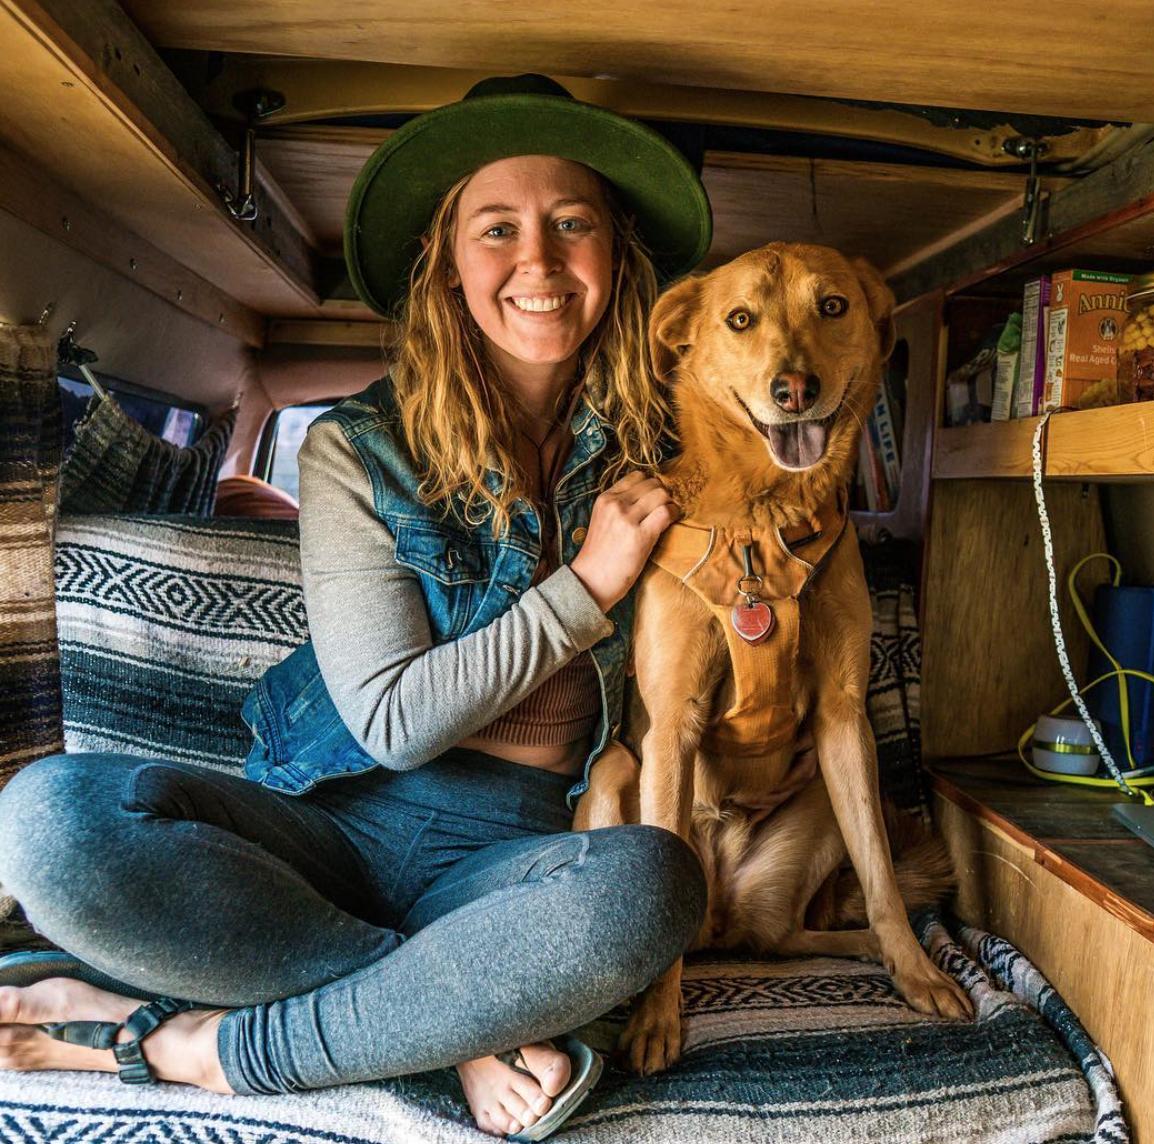 Van Life Instagram - tiny house tiny footprint